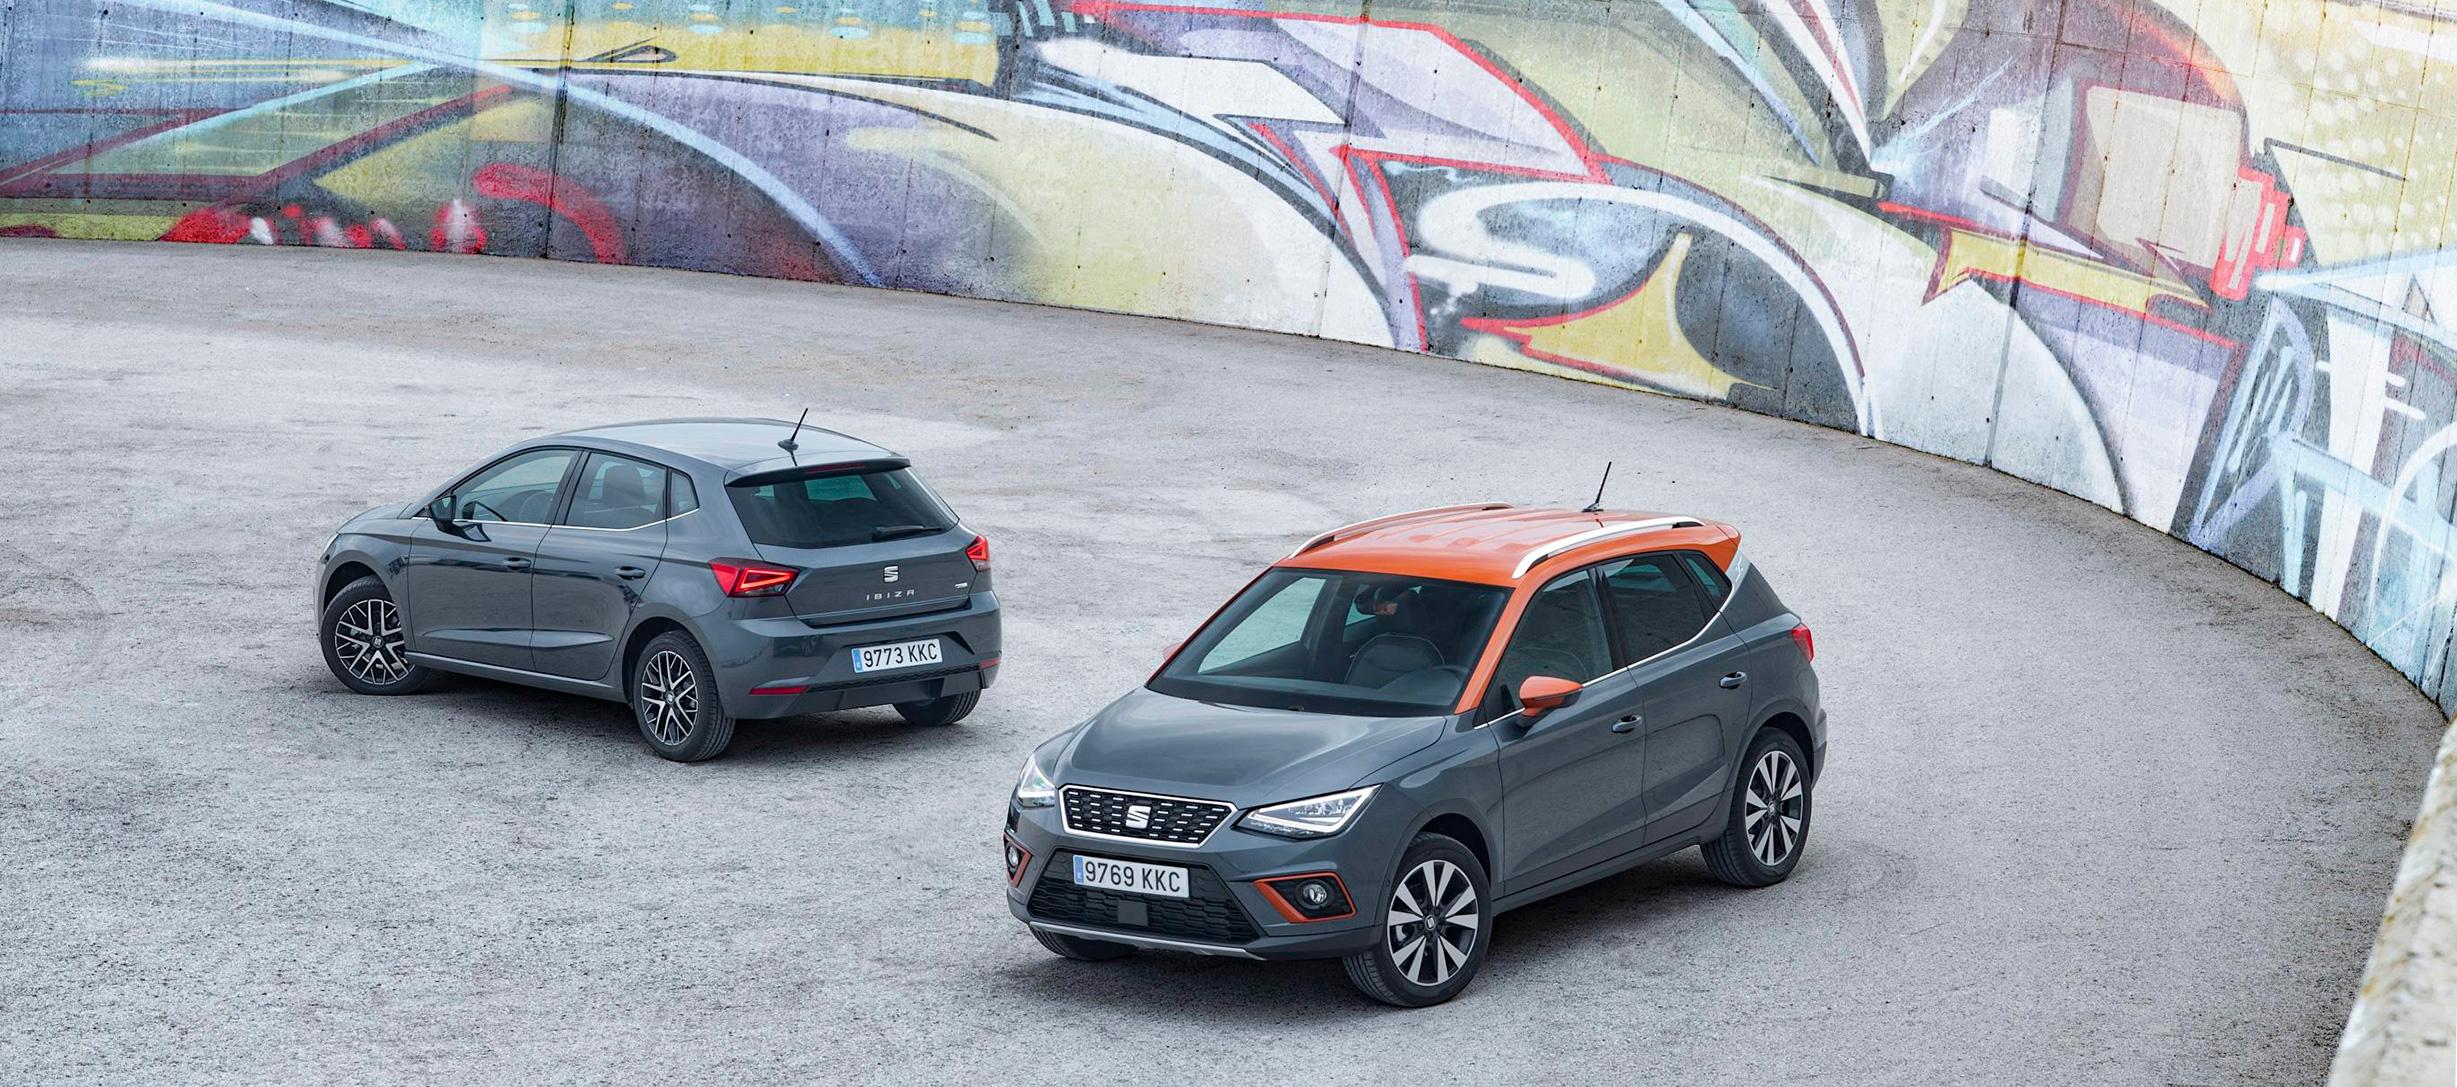 Los SEAT Ibiza y Arona obtienen 5 estrellas en el Latin NCAP